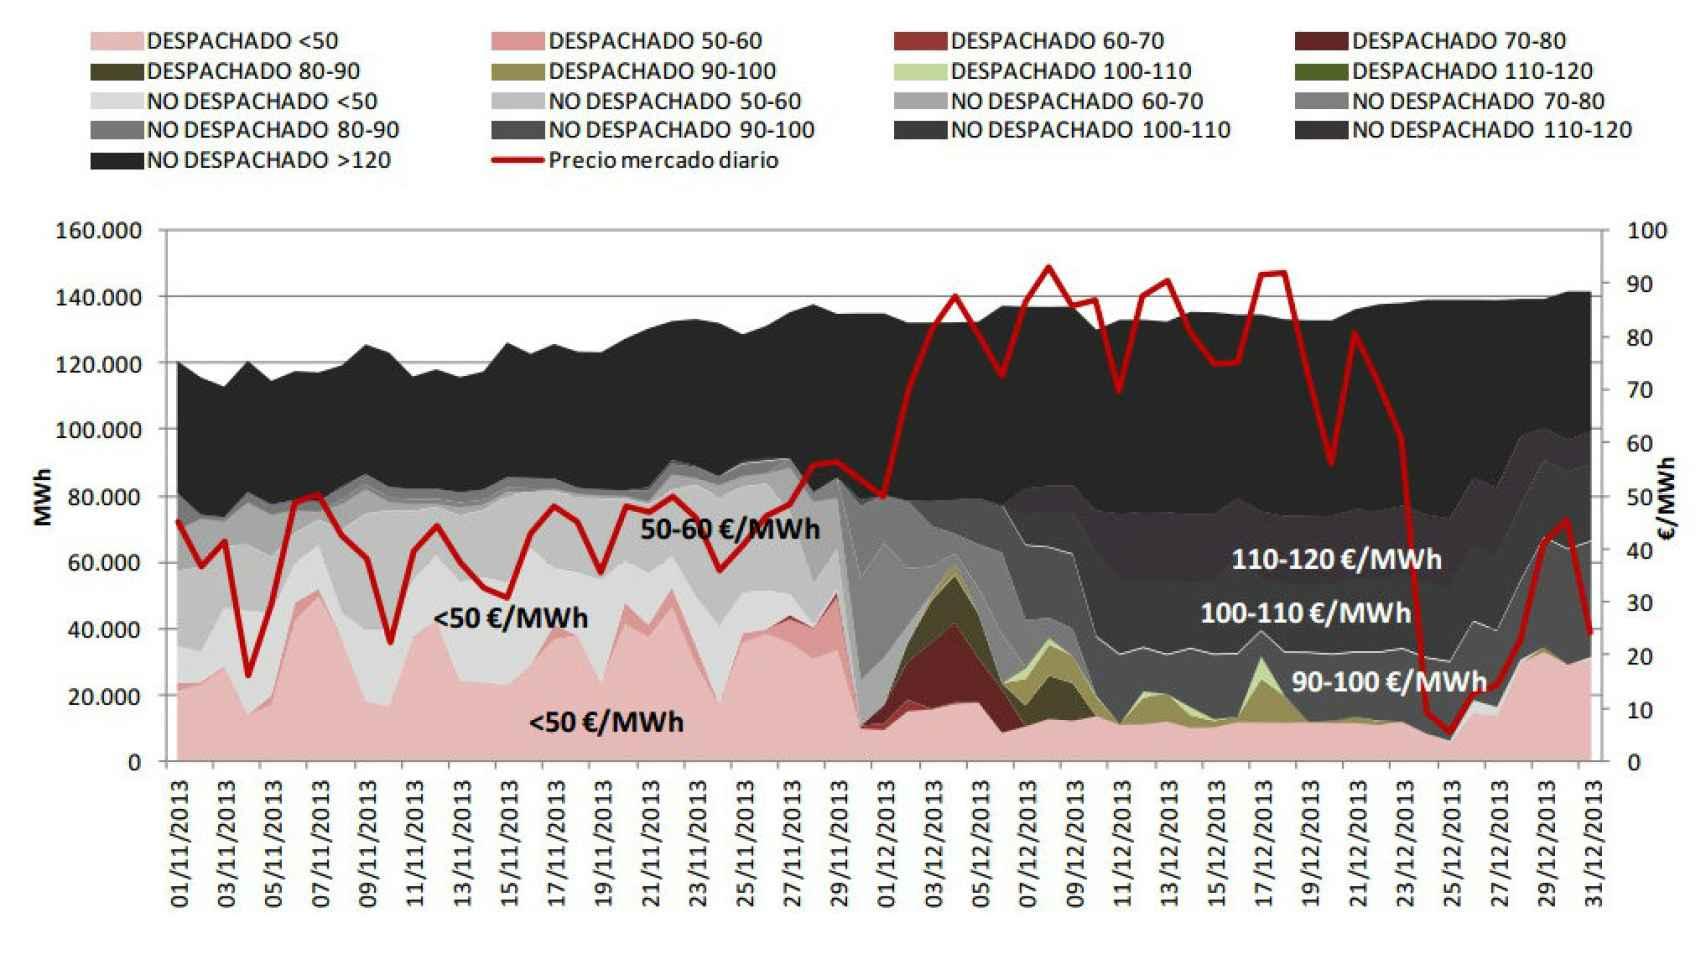 Cantidad de energía (GWh) ofertada entre los días 1 de noviembre a 31 de diciembre de 2013 por Iberdrola Generación correspondiente a las unidades Duero, Sil y Tajo clasificada por oferta despachada y no despachada y por banda de precio (Eur/MWh), junto con el precio del mercado diario (€/MWh)